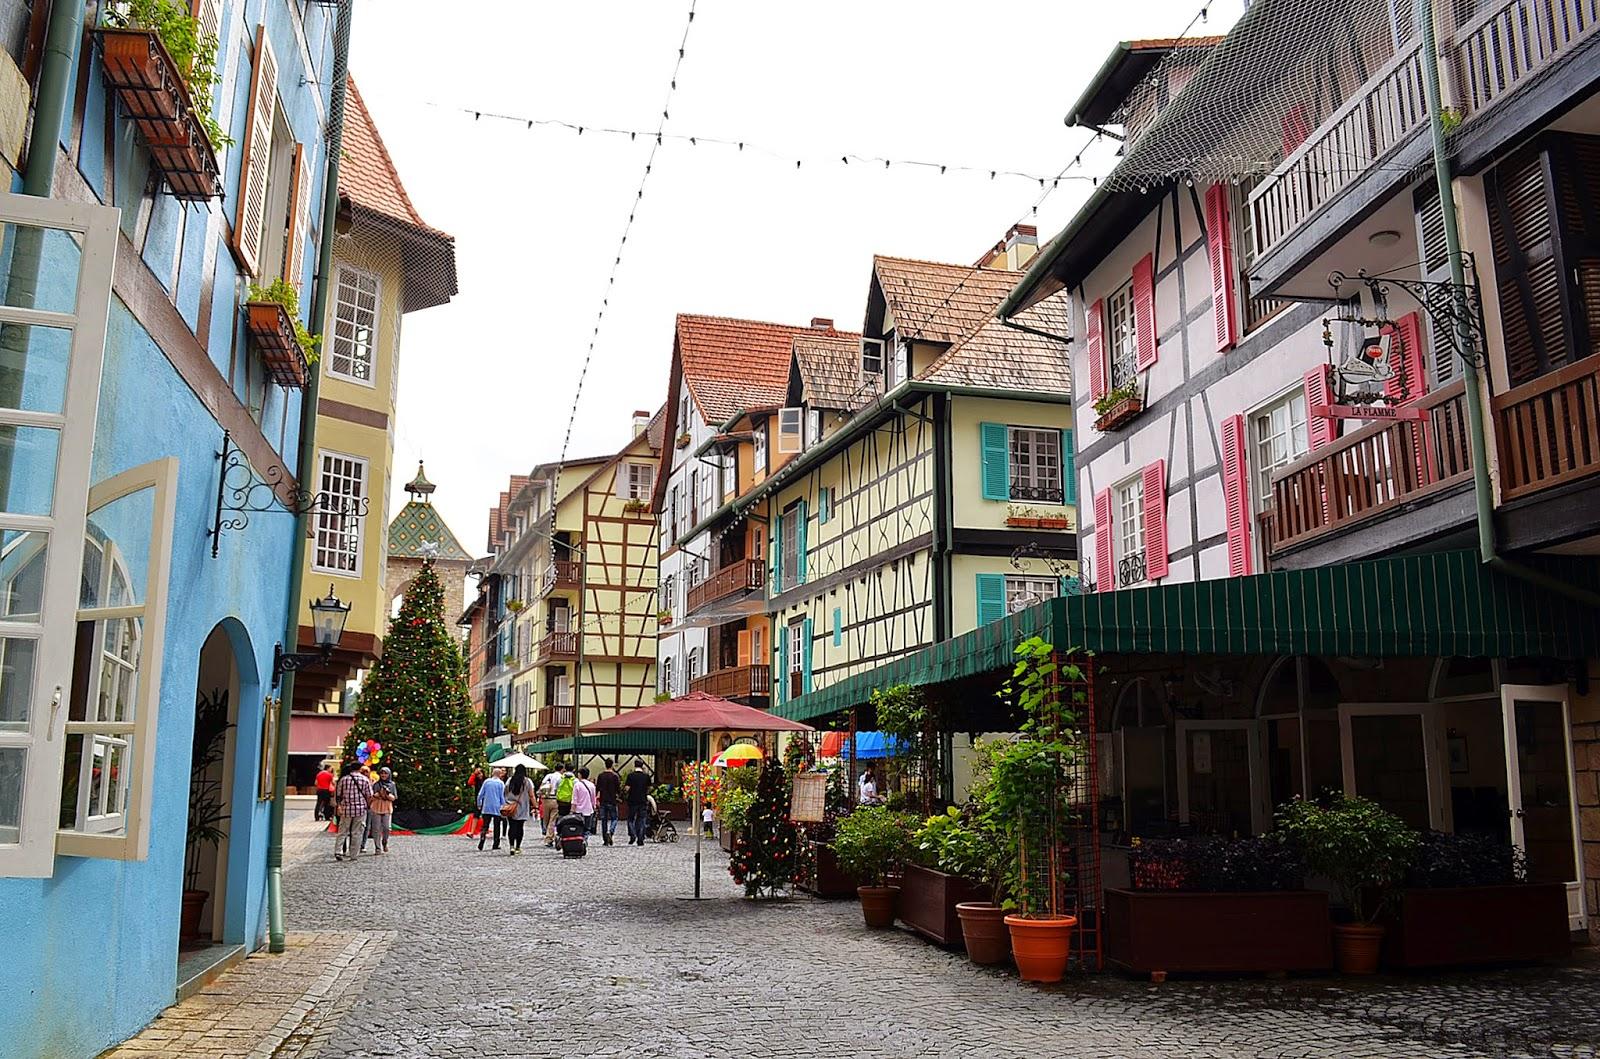 المدينة الفرنسية في ماليزيا